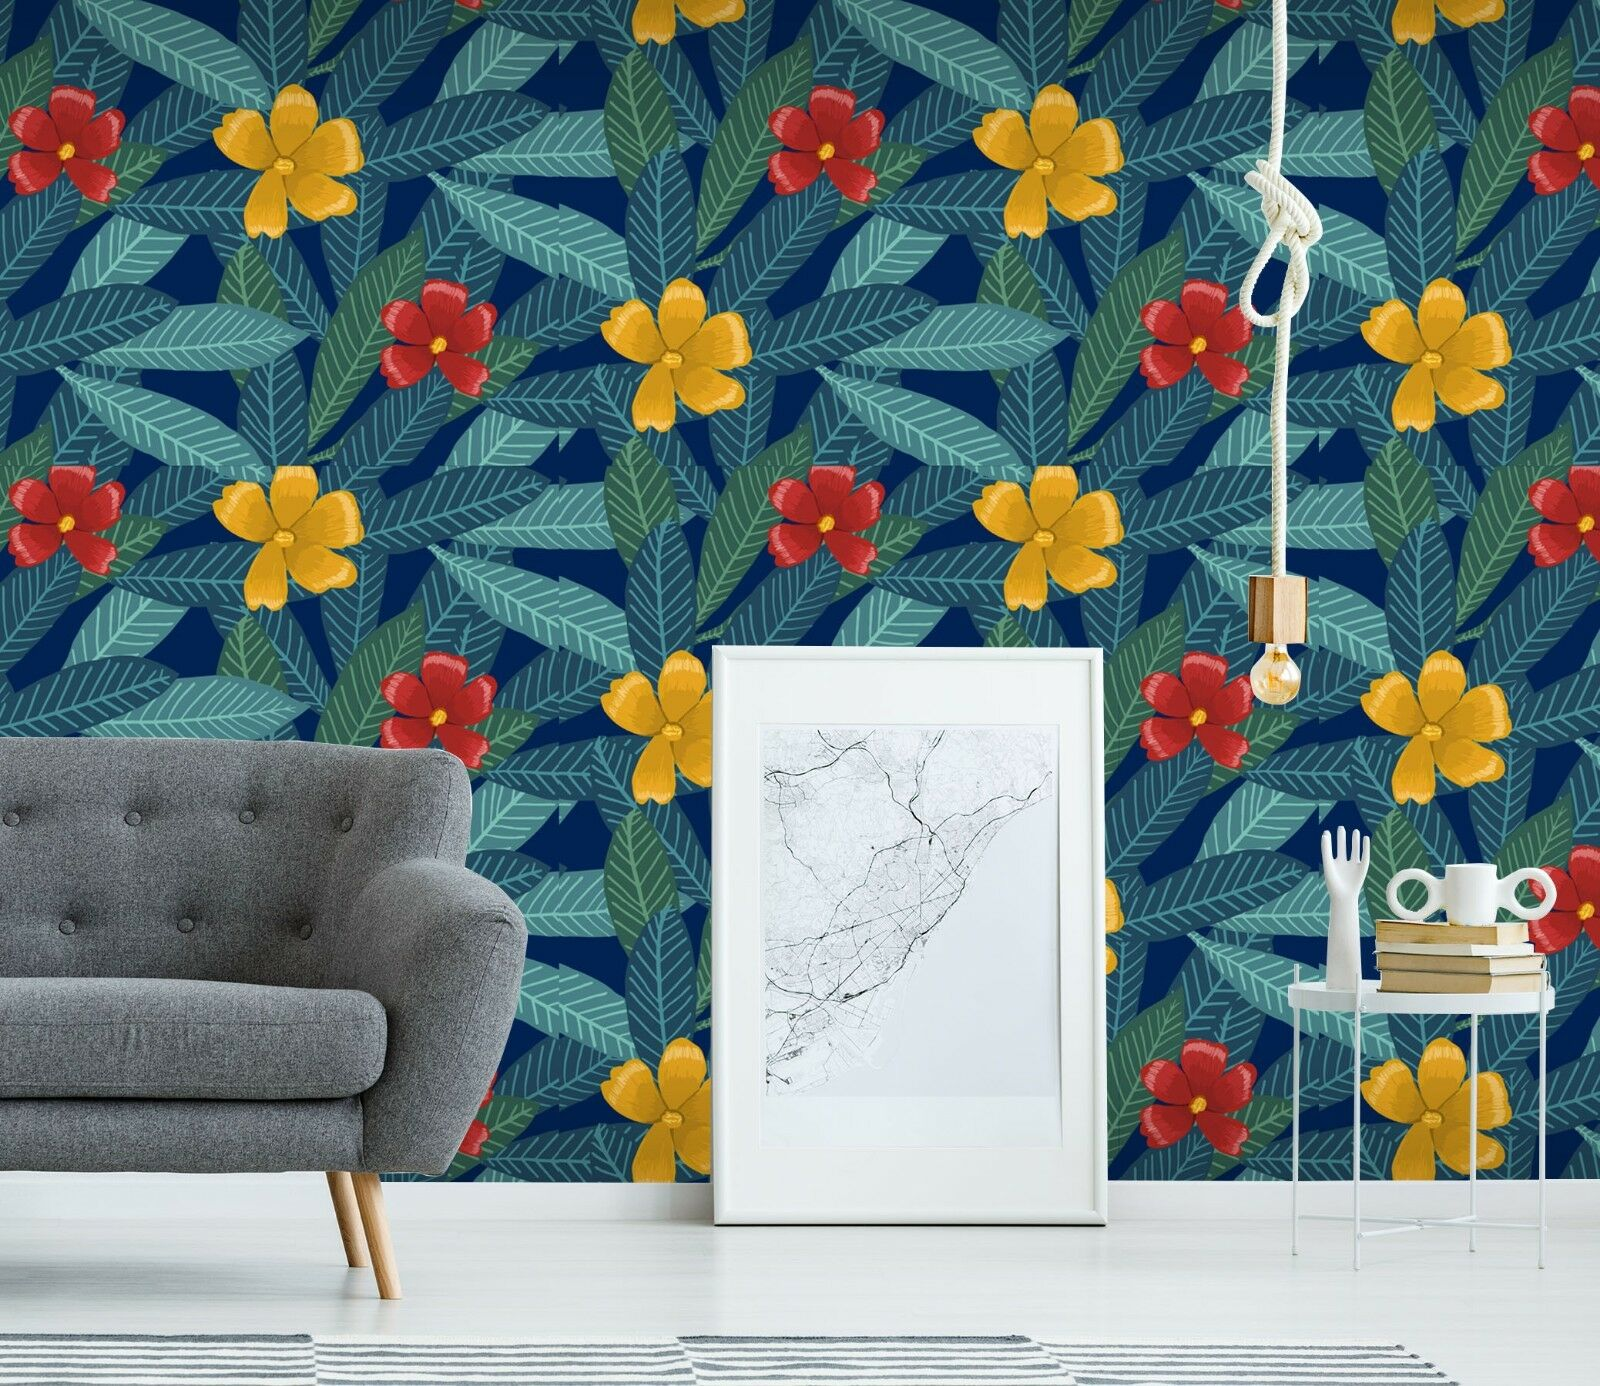 3D Nette bluemen Blätter 23 Tapete Wandgemälde Tapete Tapeten Familie Kinde DE